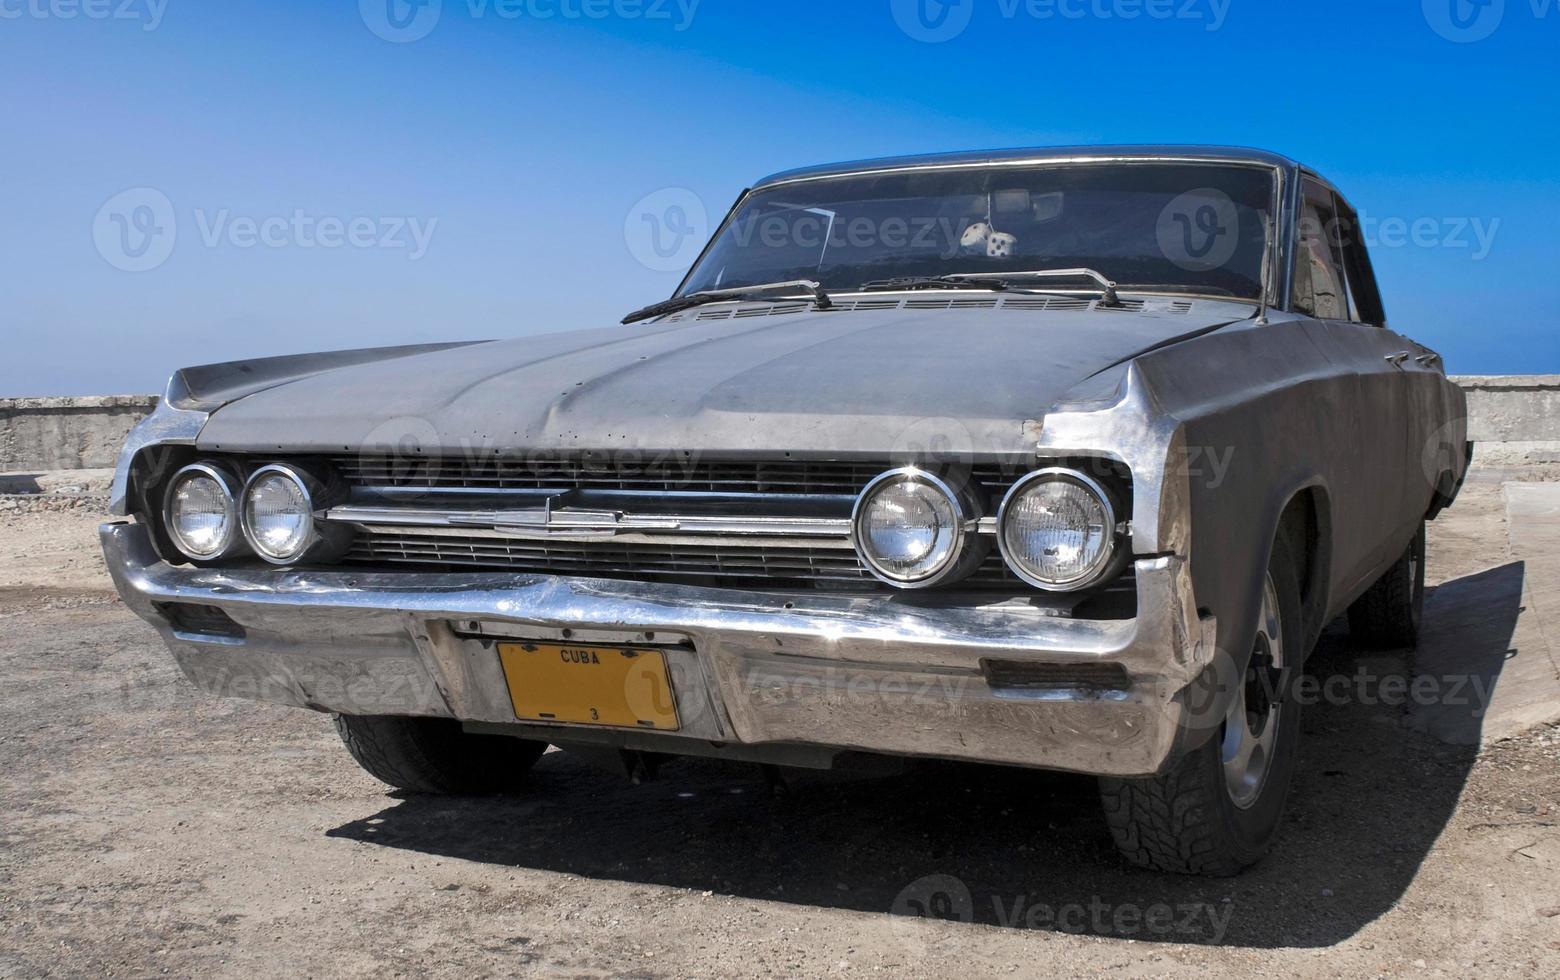 gammal bil i havanna foto